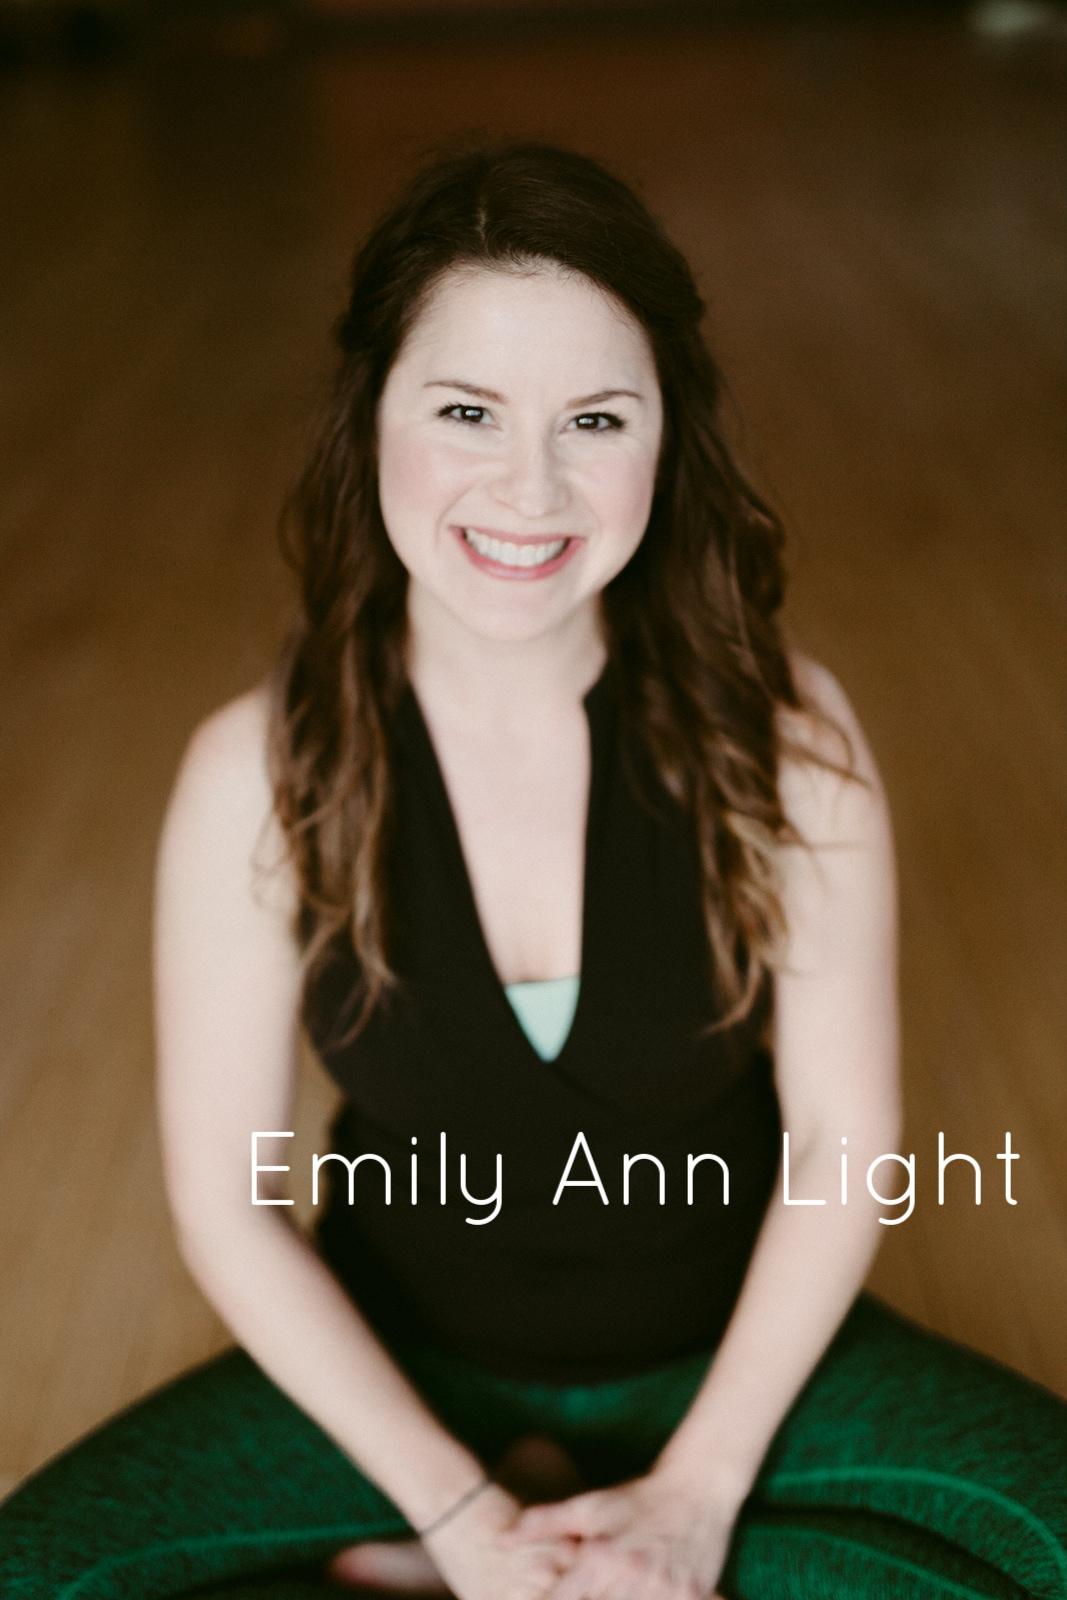 emily ann light